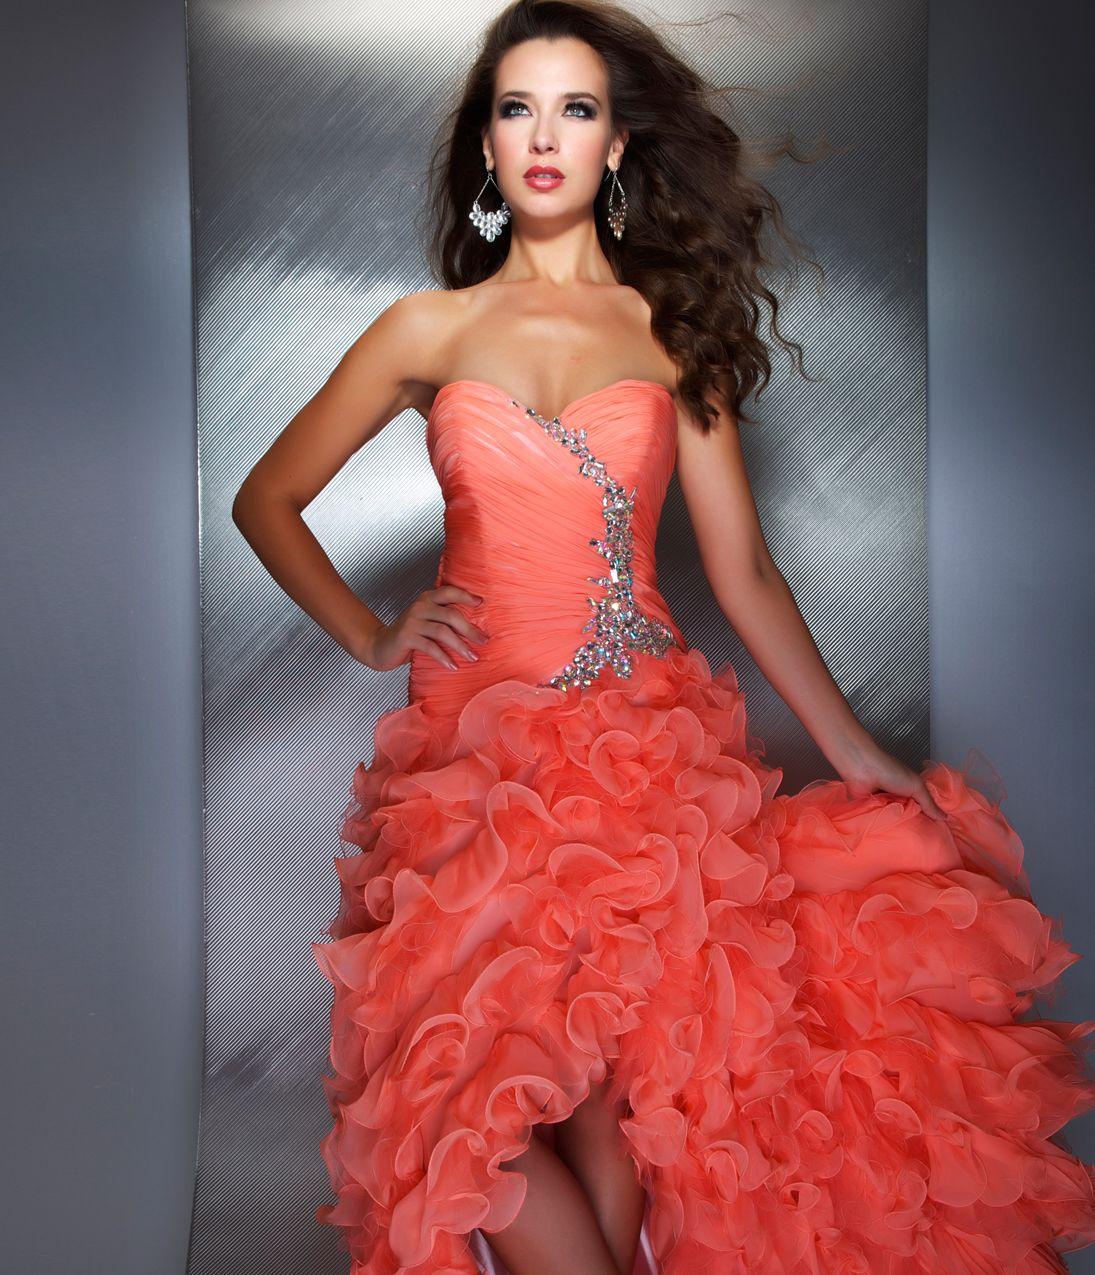 Unique Vintage | Prom pageant dress, Prom dresses, High ...